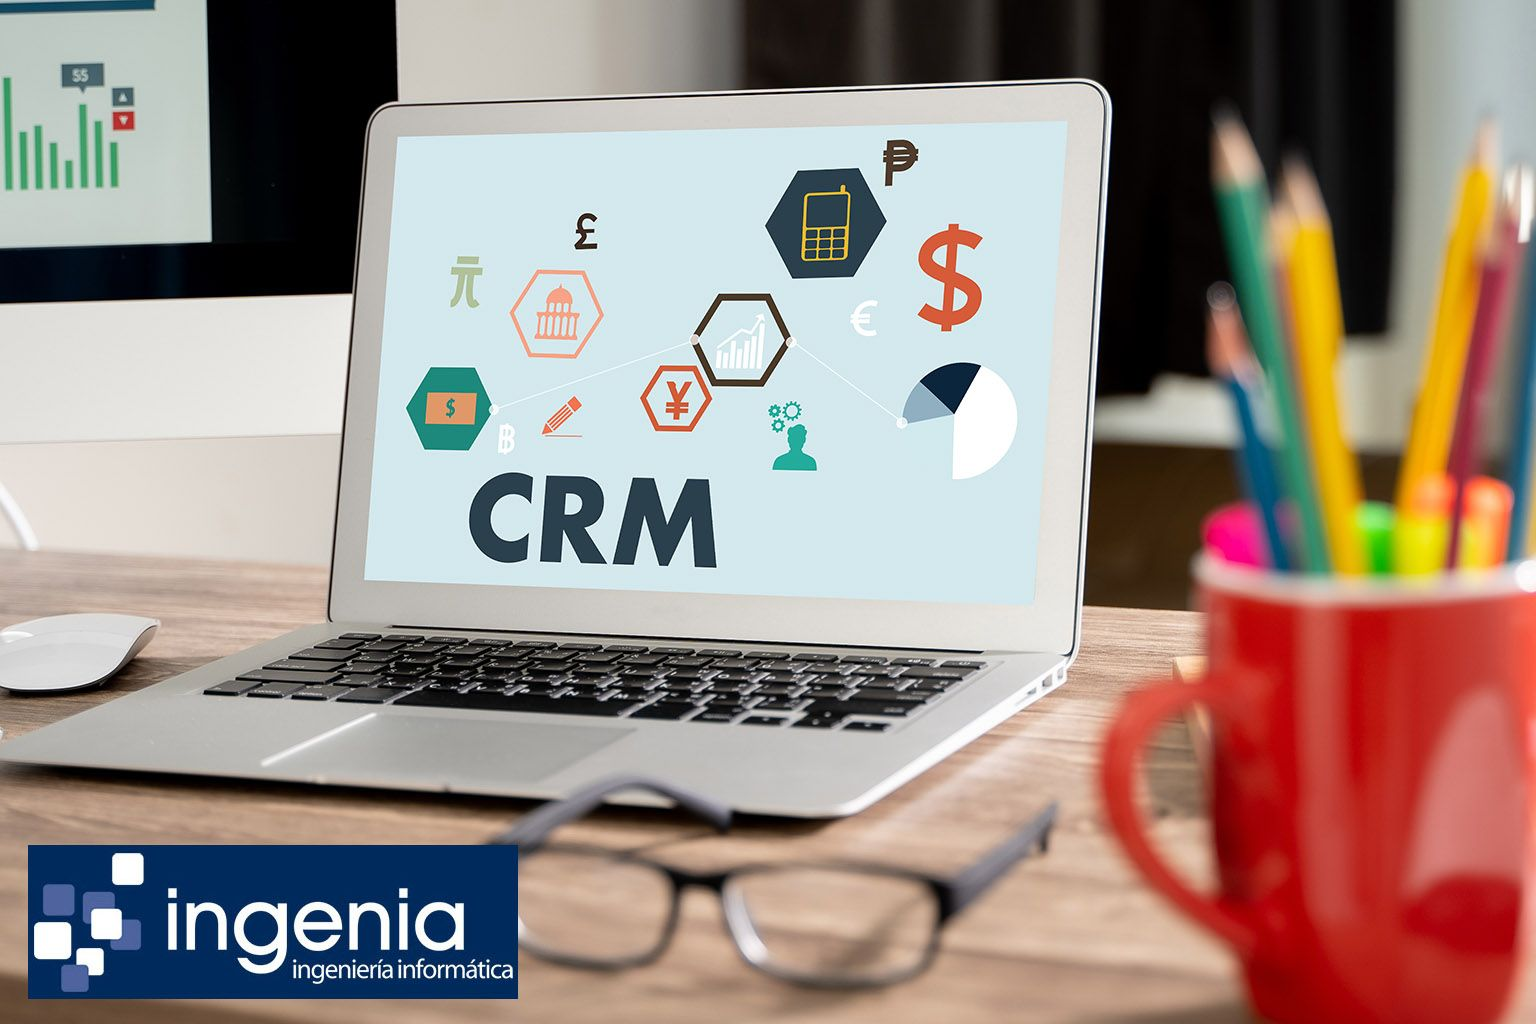 Ingenia explica los beneficios de contar con un CRM en una empresa